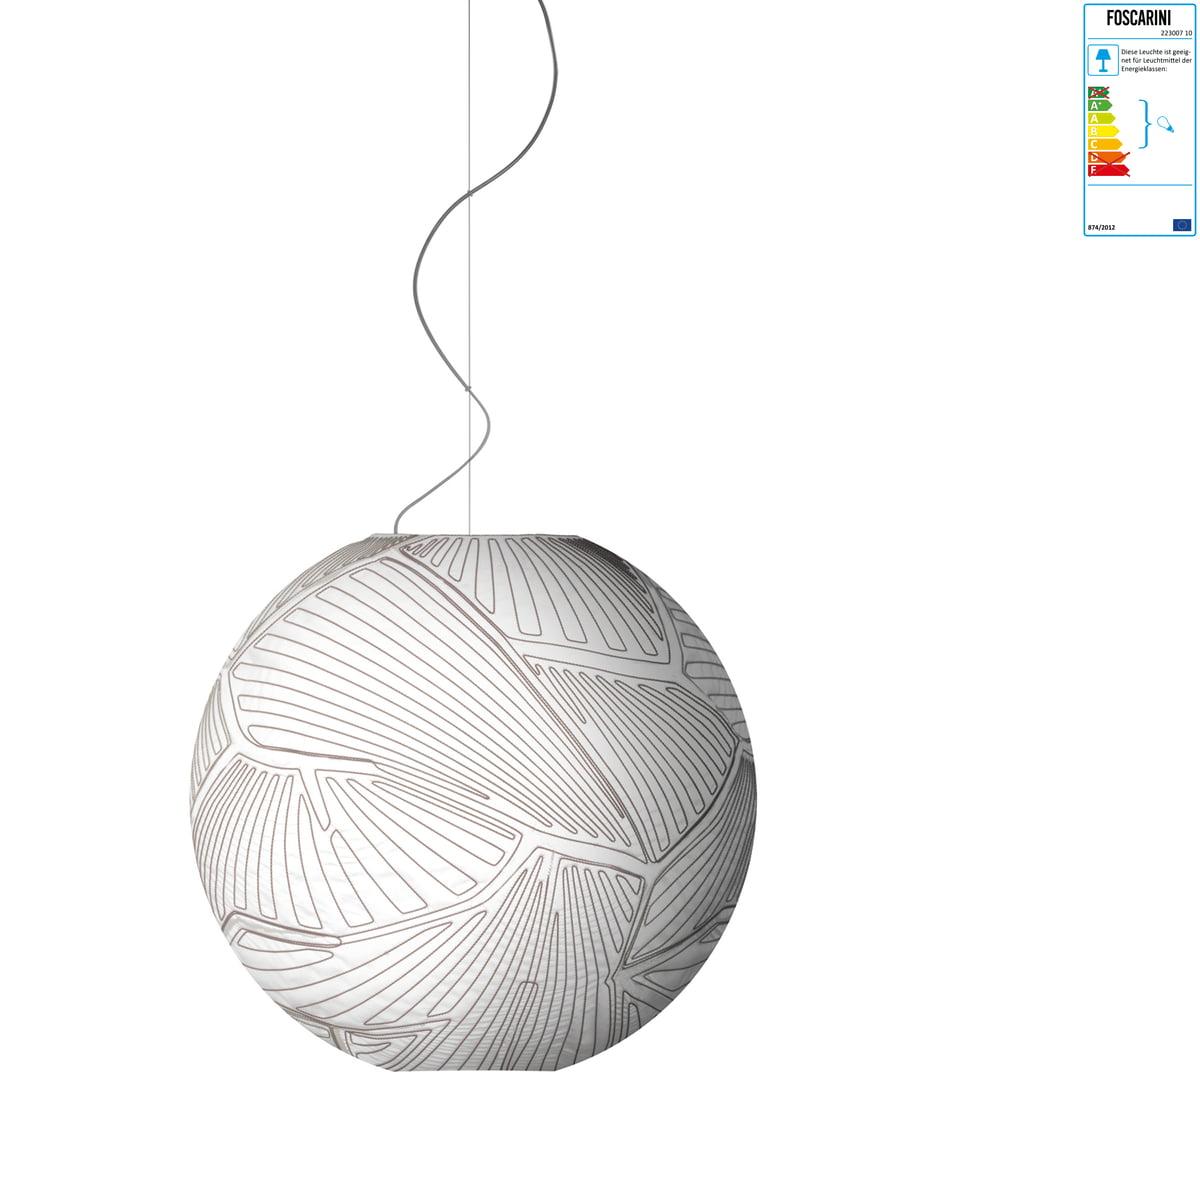 Foscarini - Planet Pendelleuchte - piccola, Halogen, weiß / weiß | Lampen > Deckenleuchten > Pendelleuchten | Weiß | Polycarbonat (pc)| leinen | Foscarini